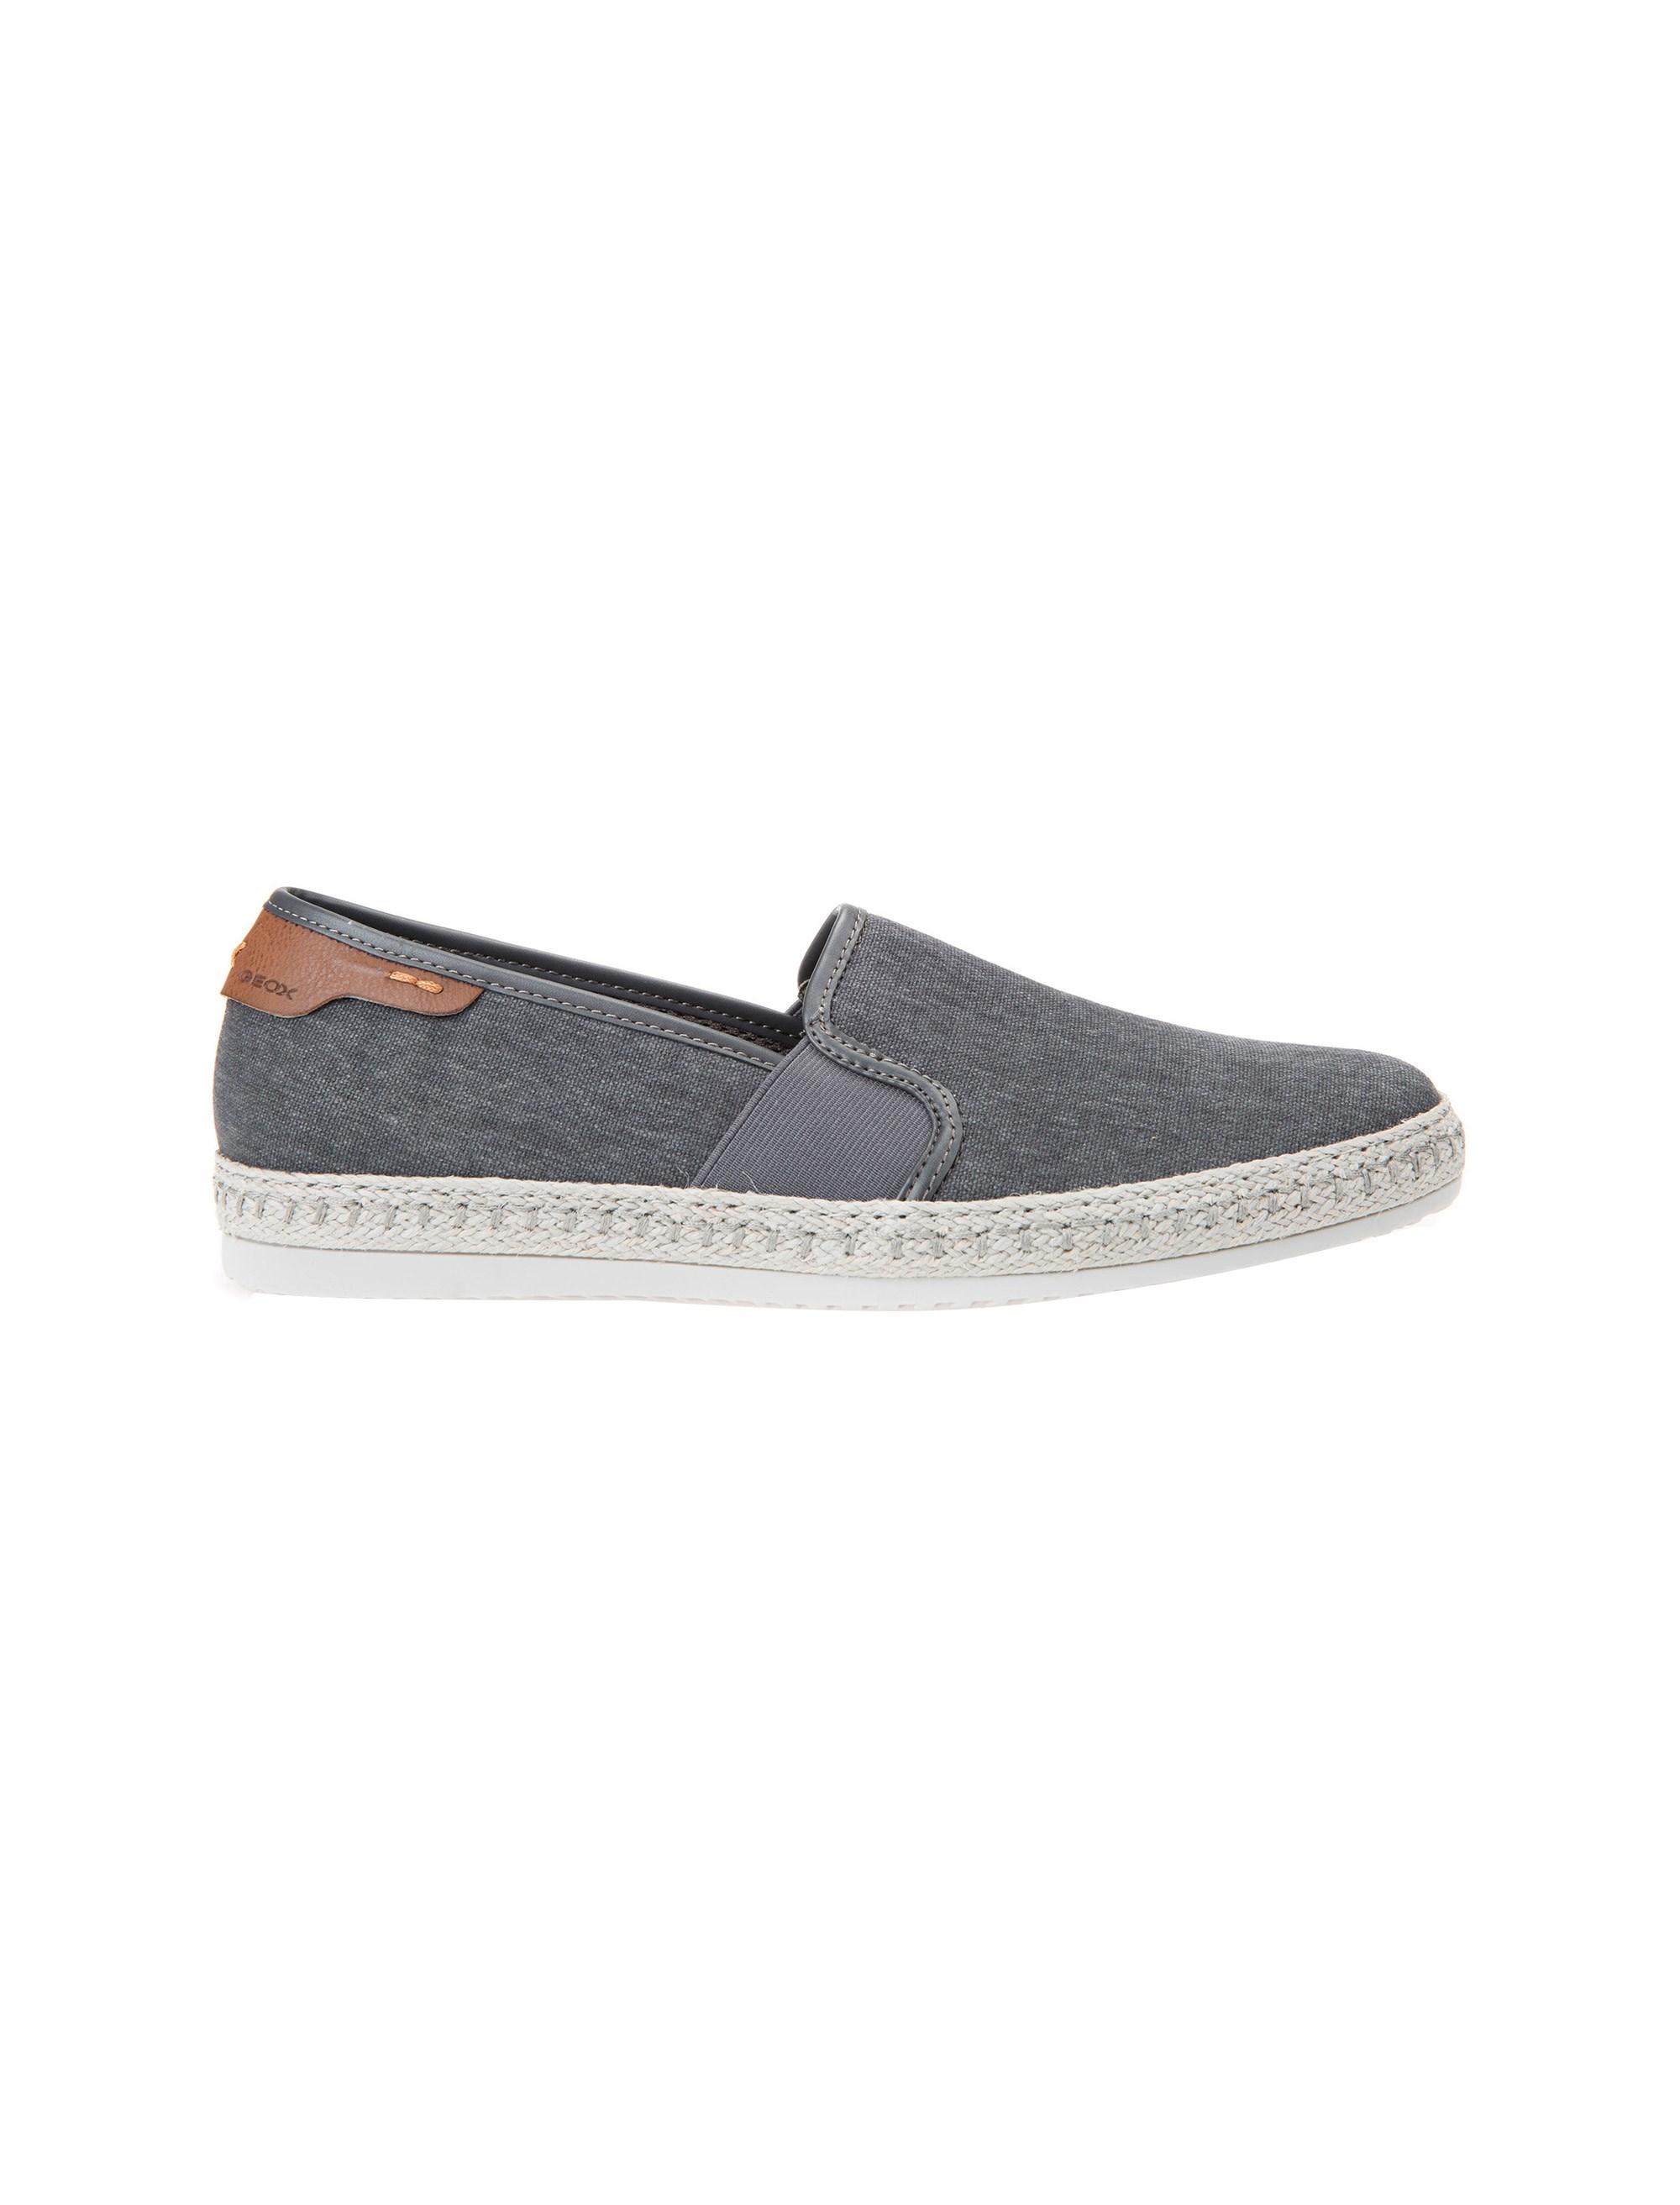 کفش راحتی پارچه ای مردانه Copacabana - جی اوکس